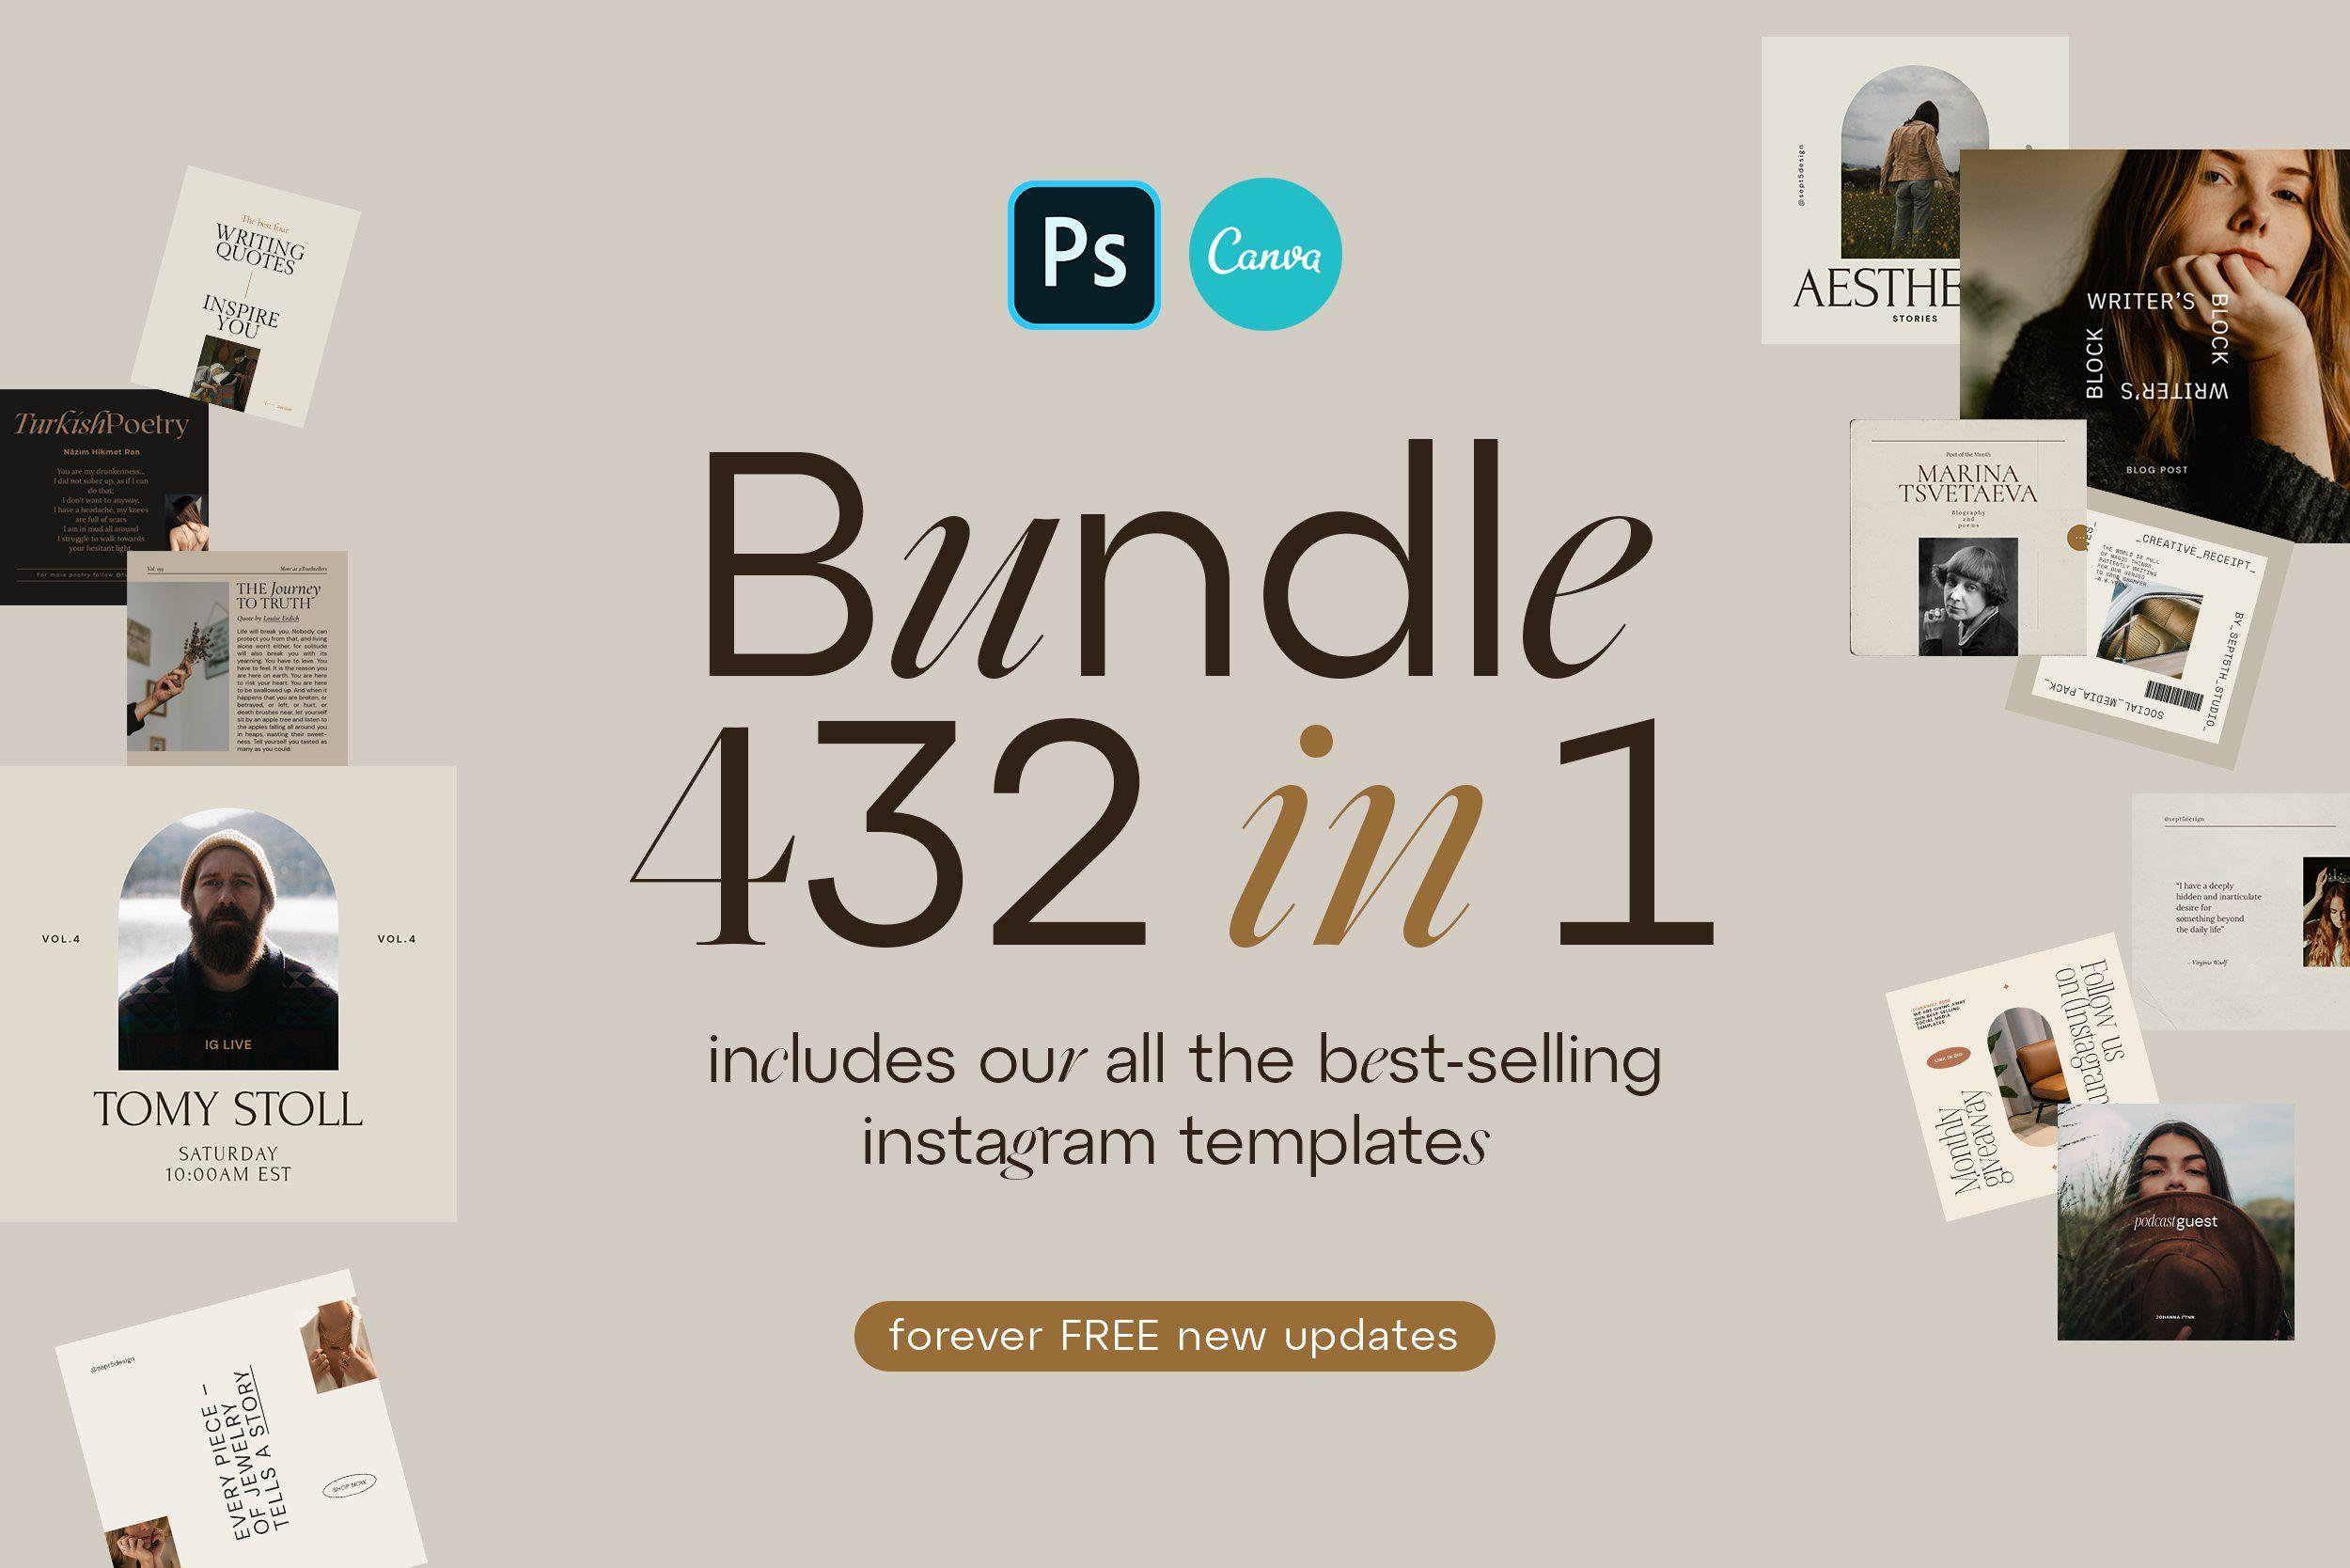 Instagram Bundle Canva Ps In 2021 Instagram Template Book Cover Design Template Book Cover Template